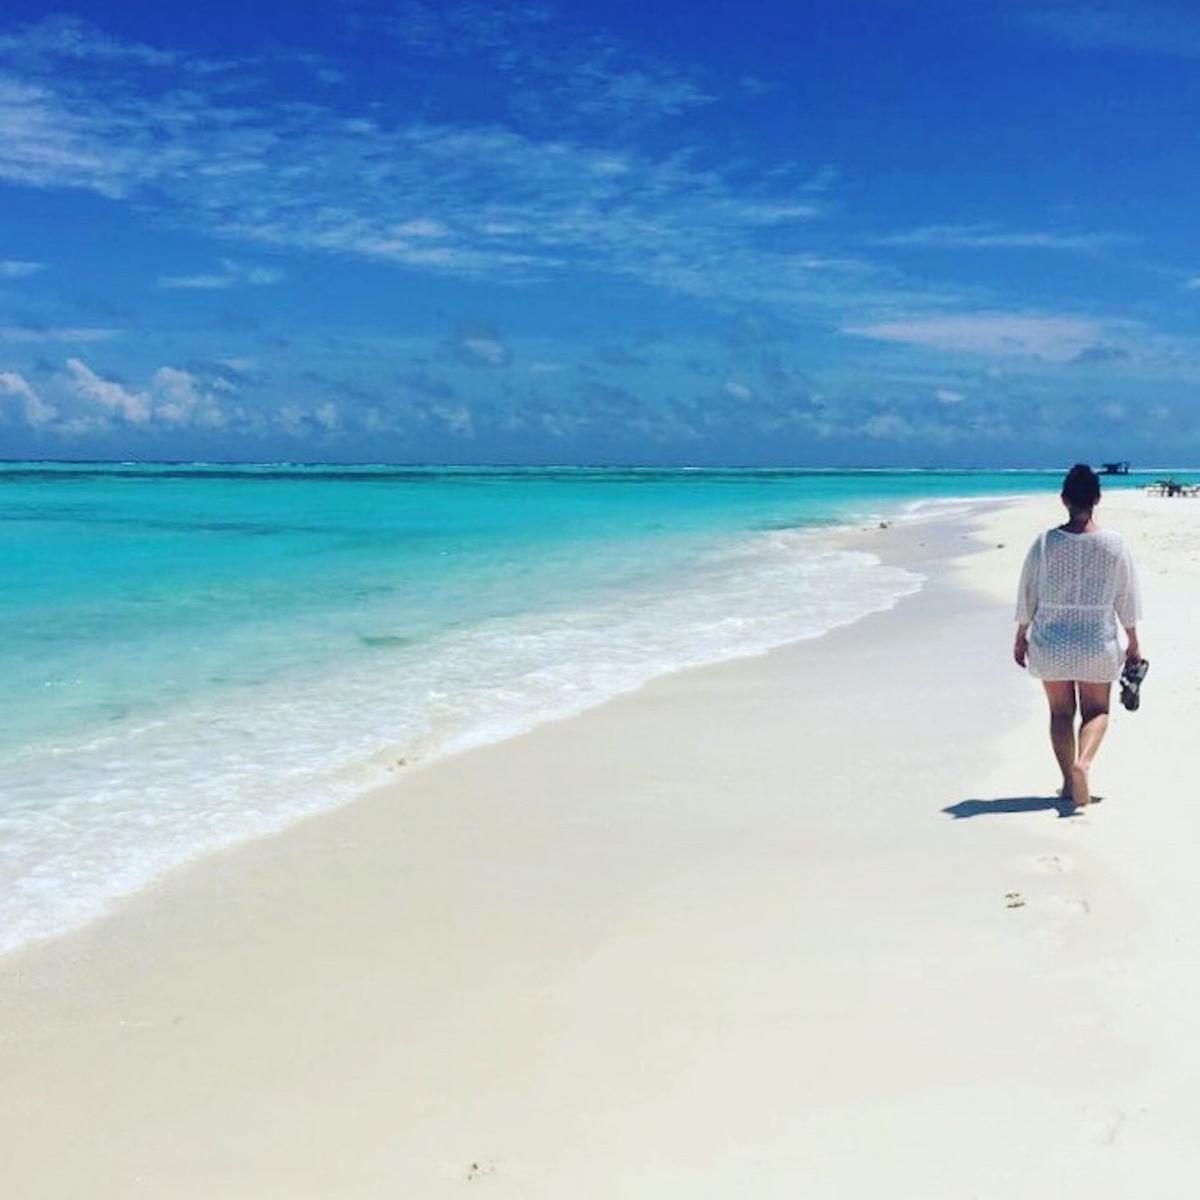 maldives-beach.jpg